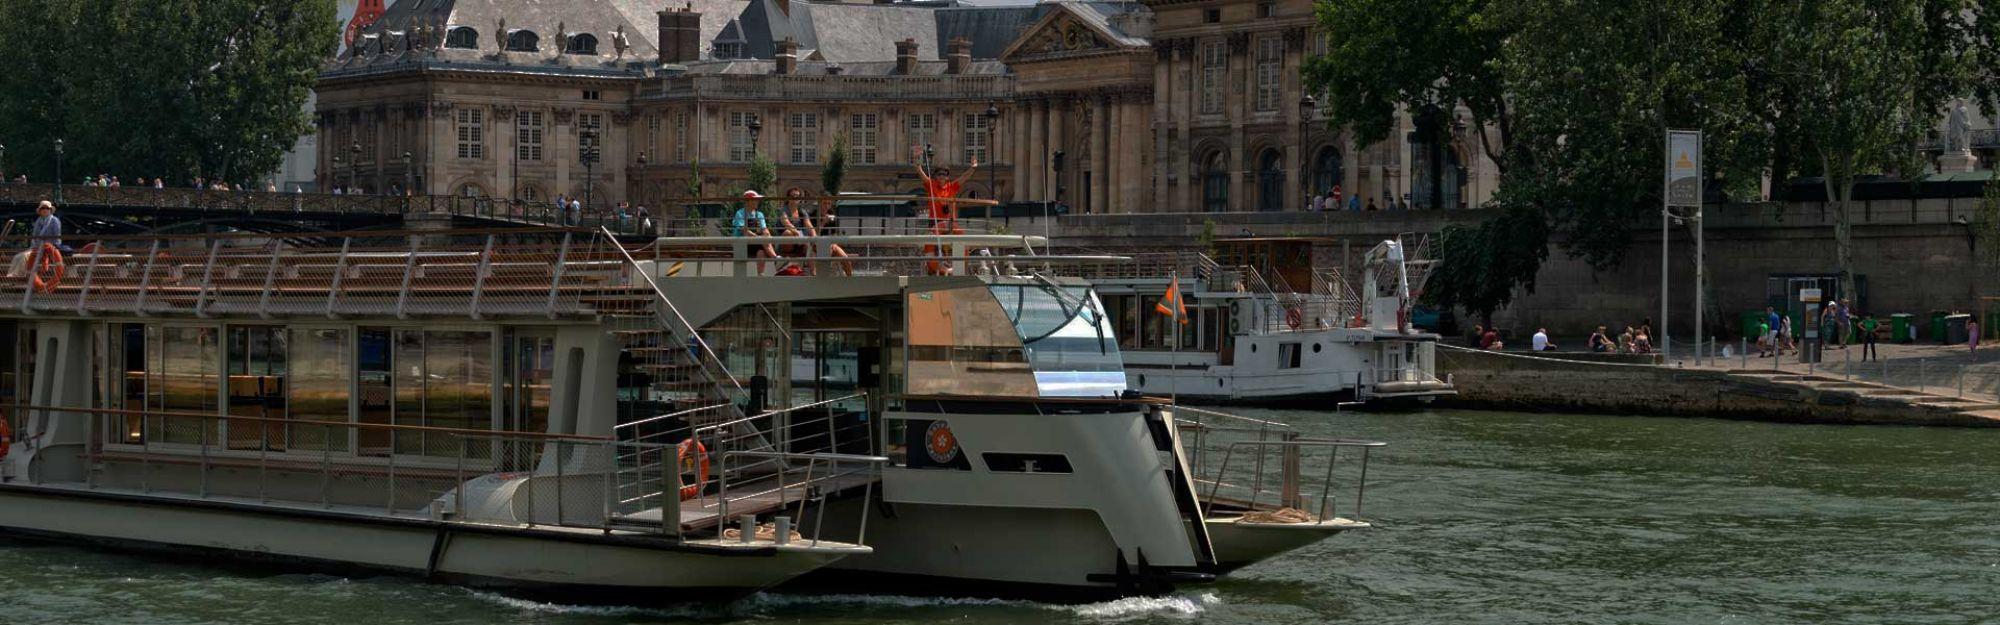 Paris Classic Ticket + River Cruise